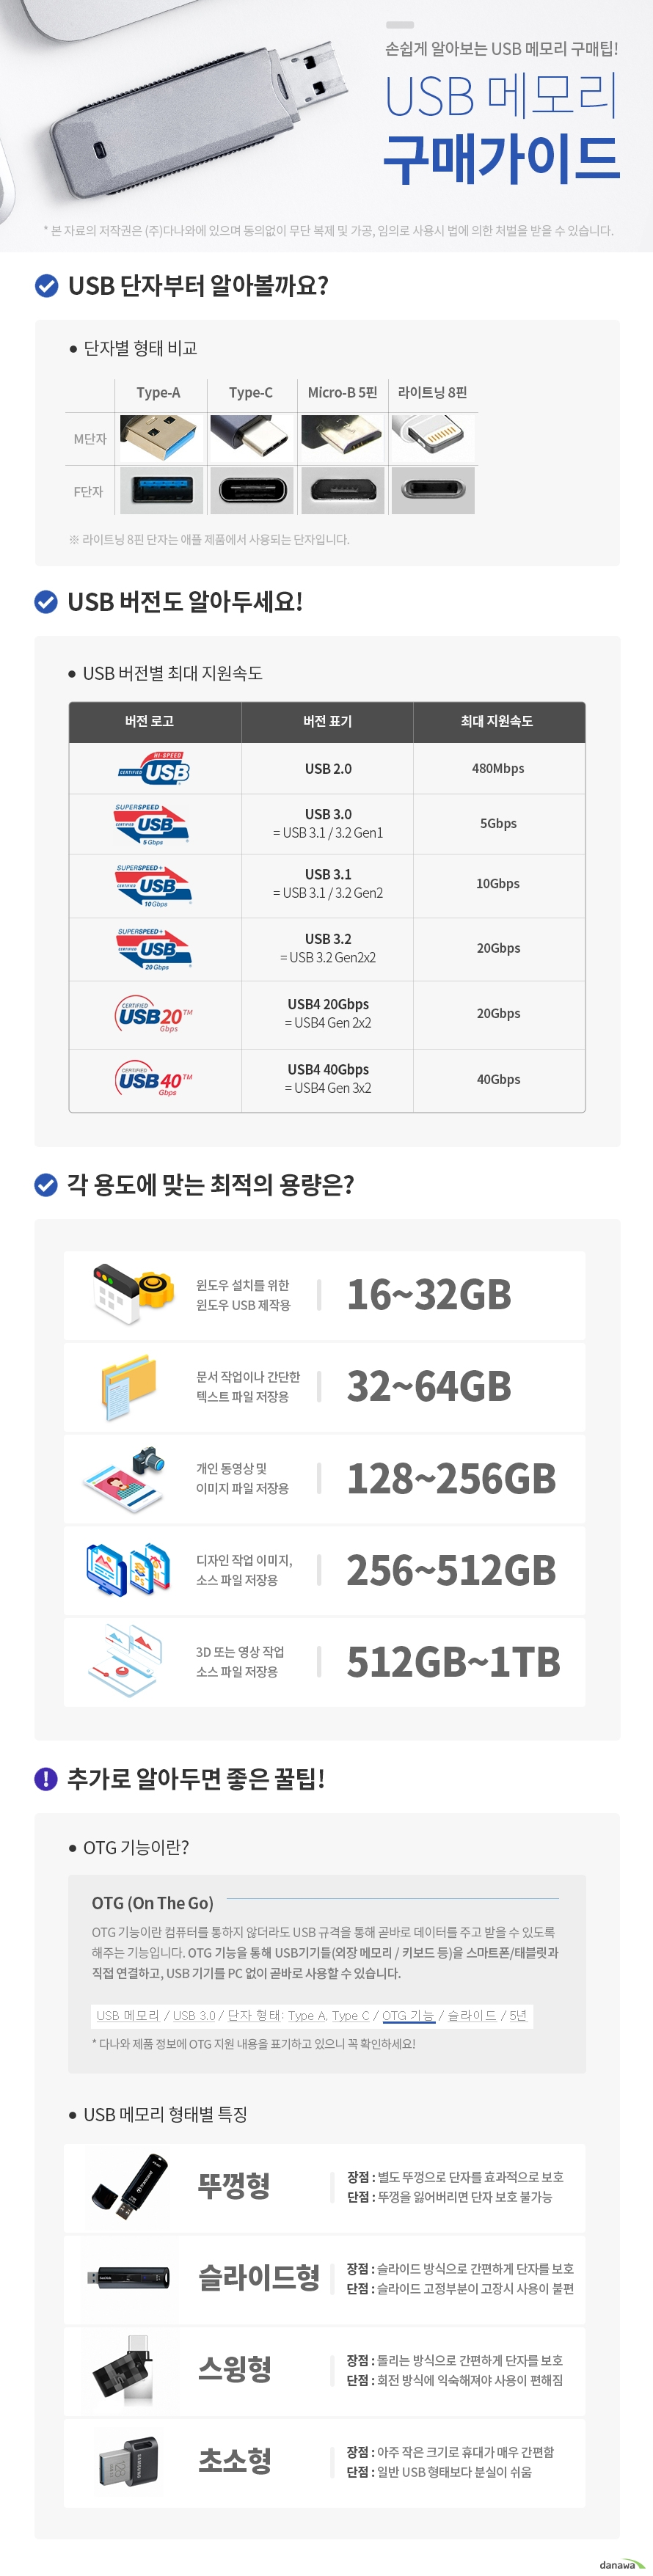 HP X5100M OTG (128GB)